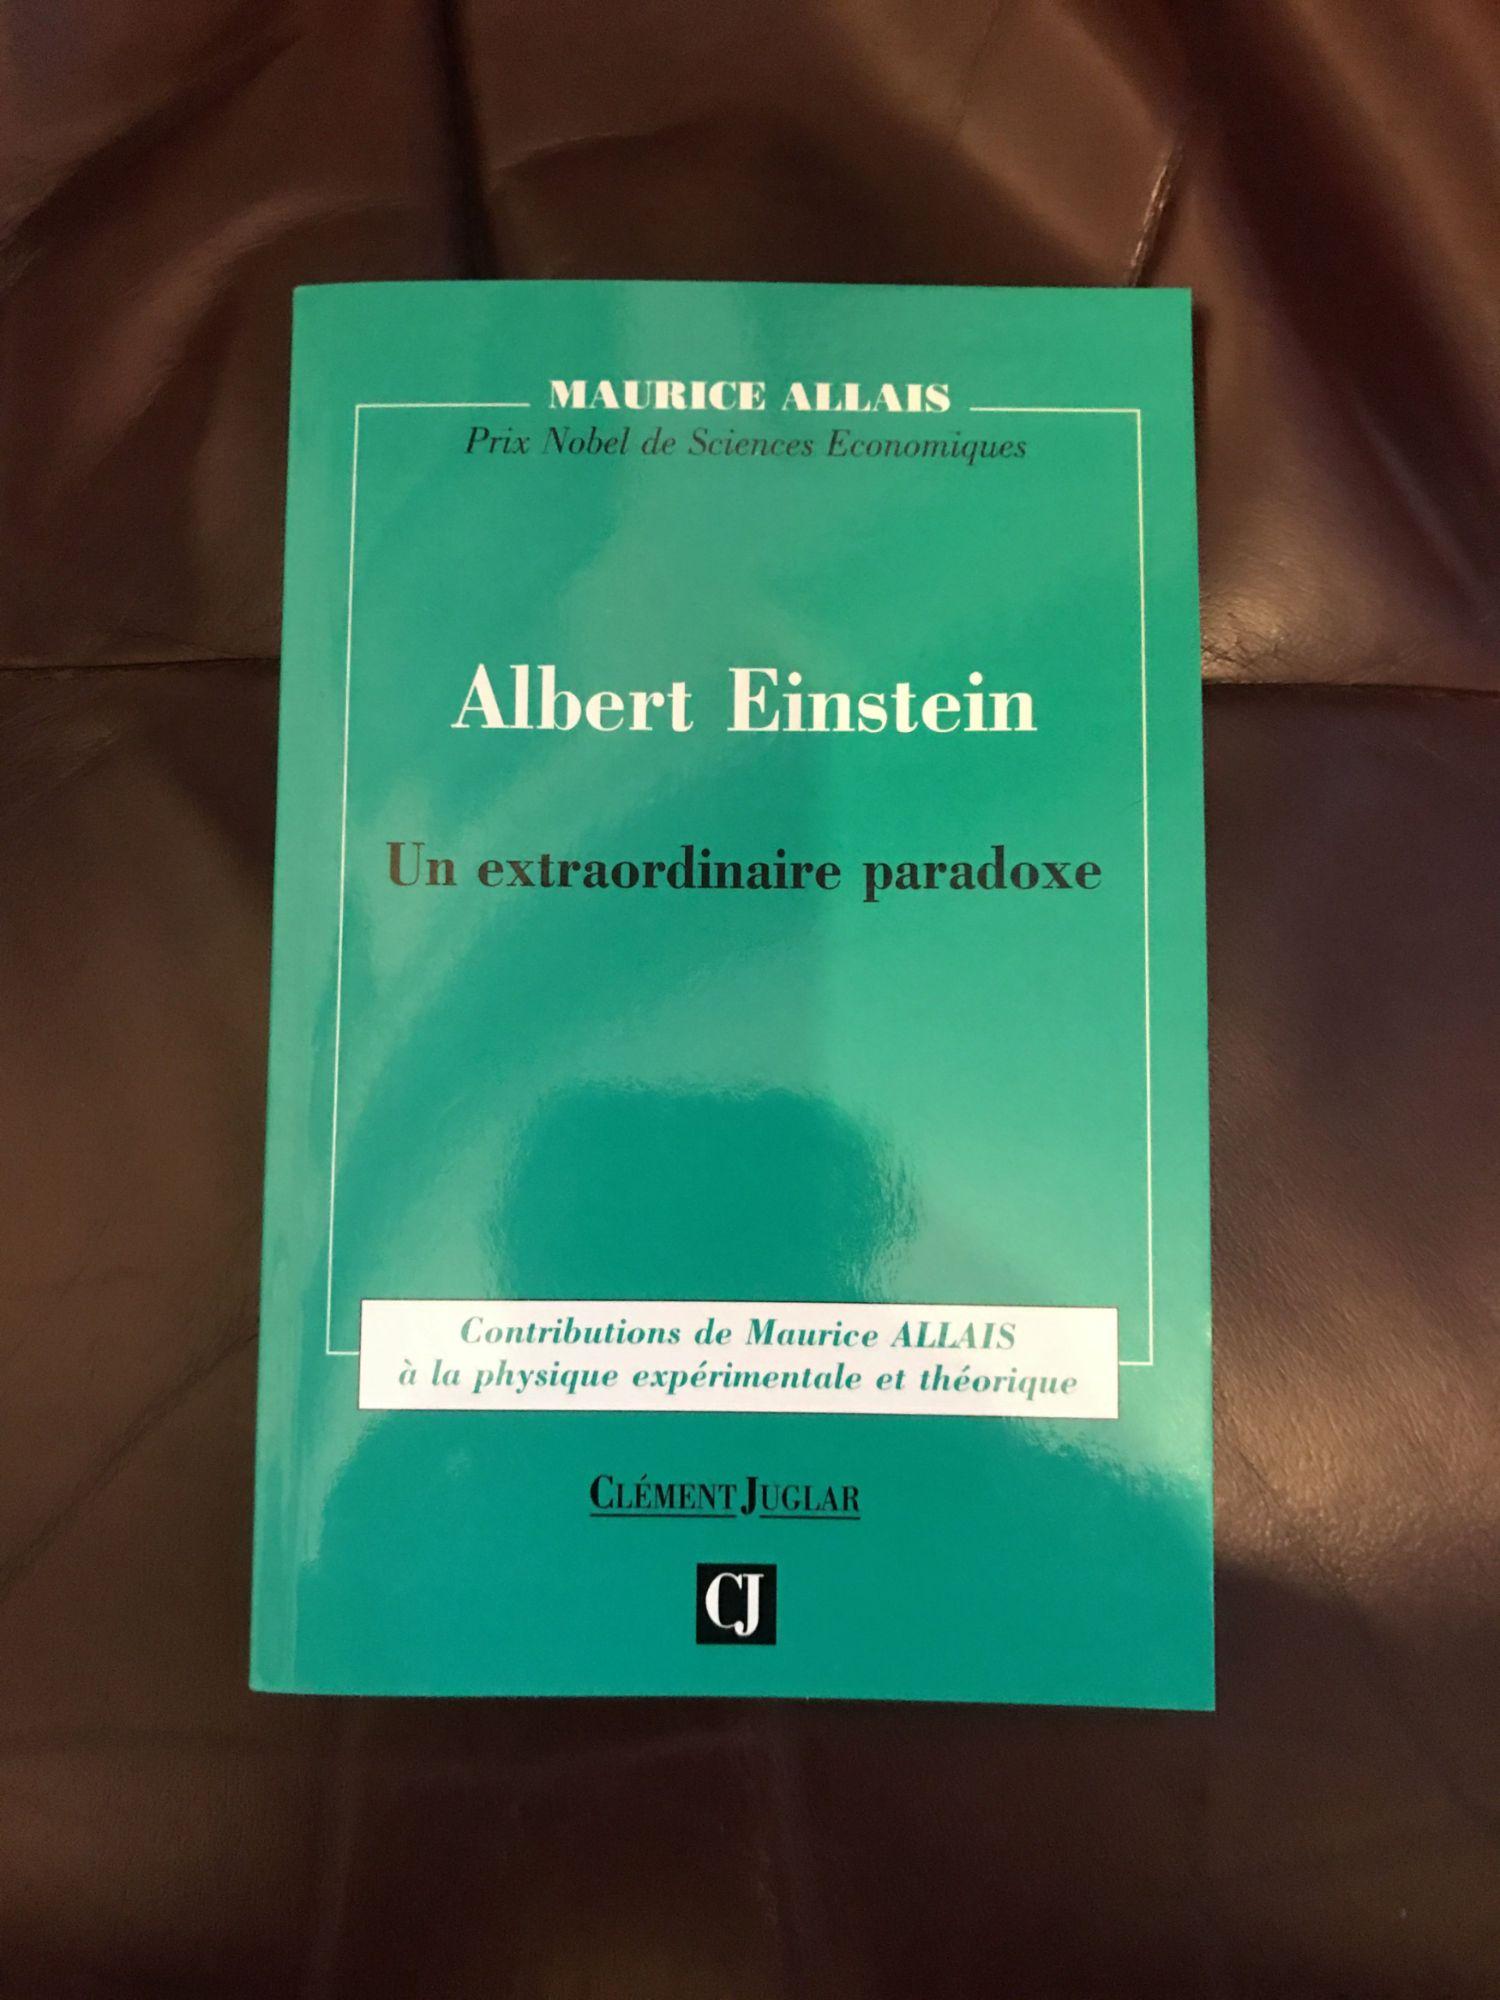 Albert Einstein - Un extraordinaire paradoxe